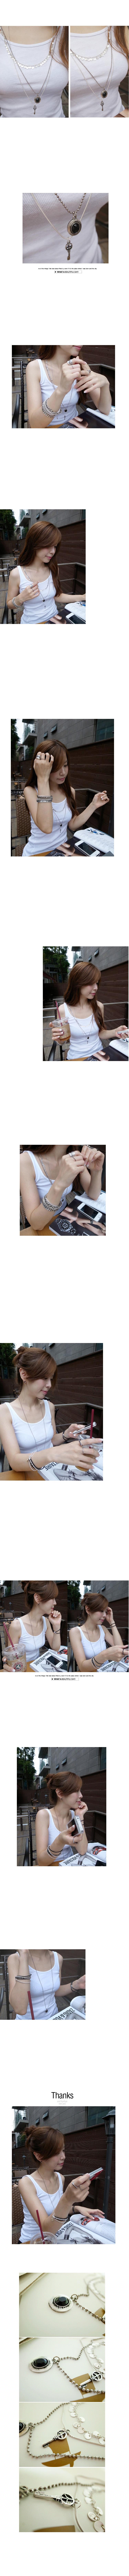 韓國 NaniWorld 多層次個性化項鍊 #1344